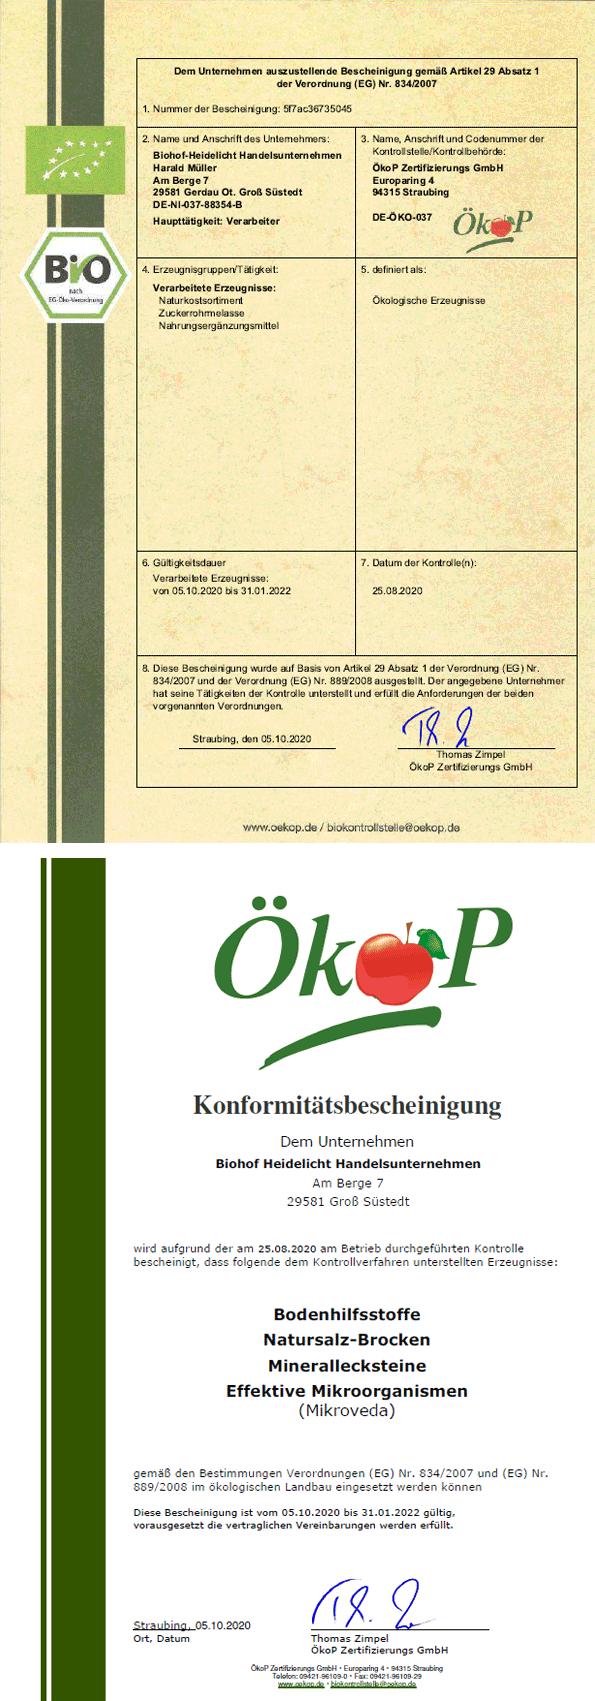 oeko-kpl